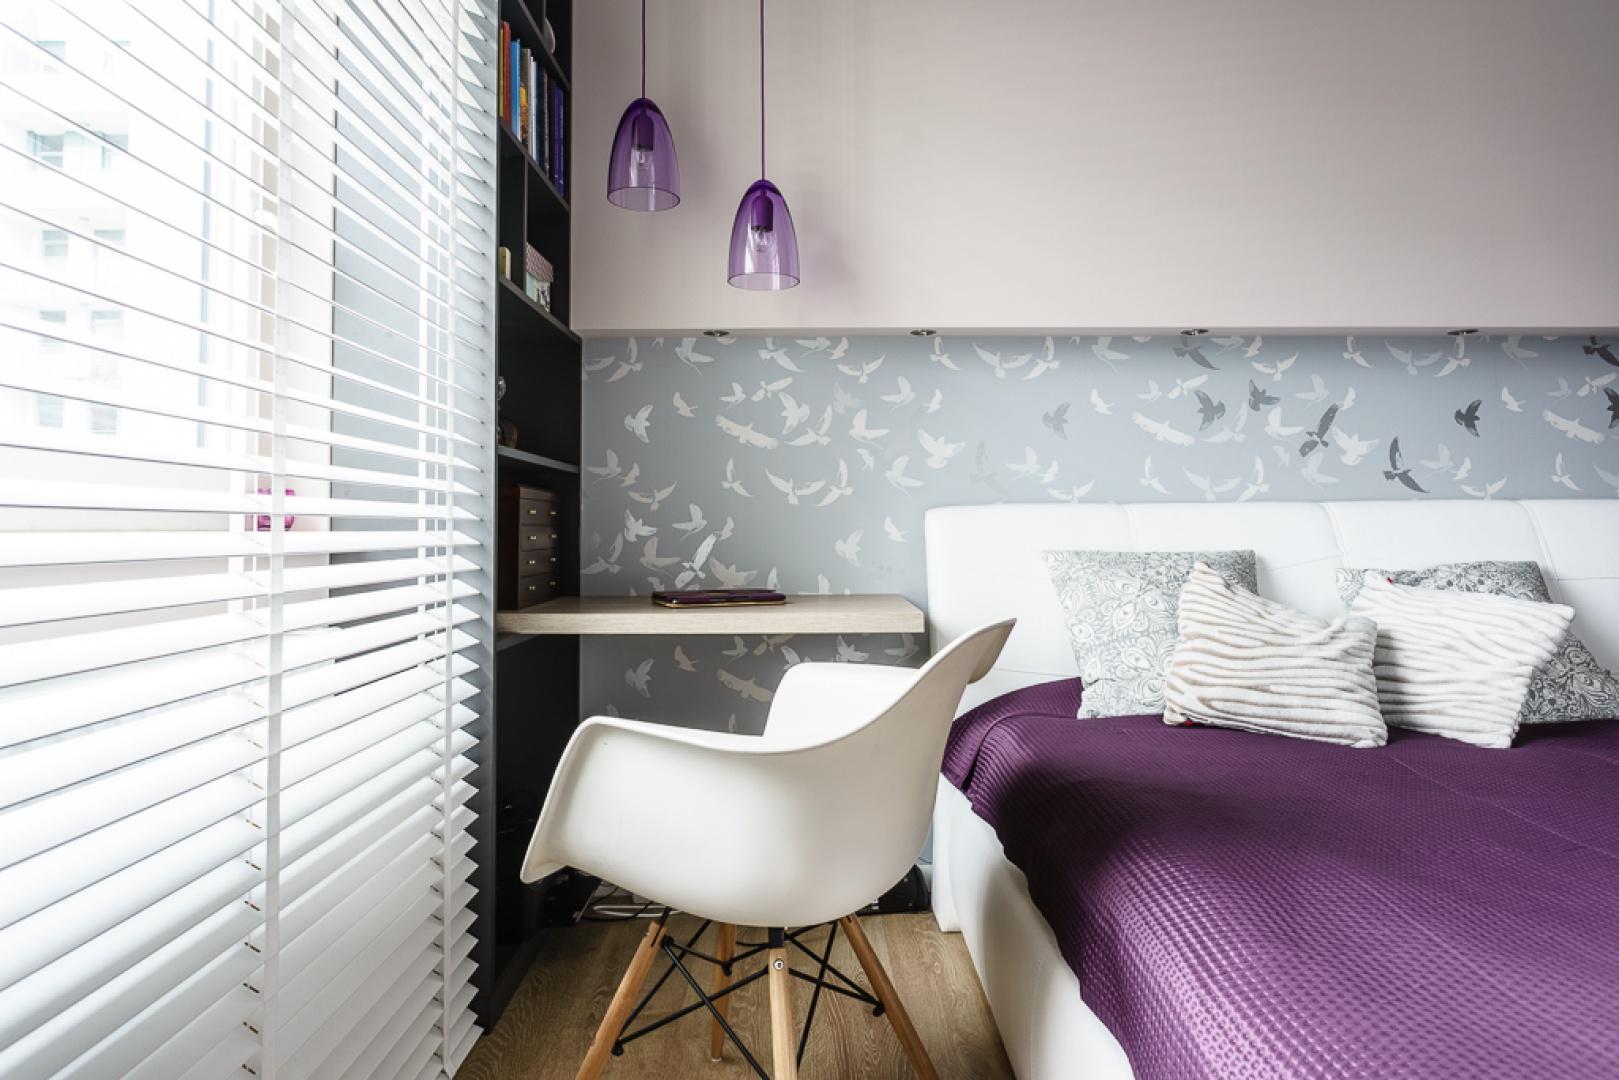 简约二居公寓装修卧室百叶窗帘设计